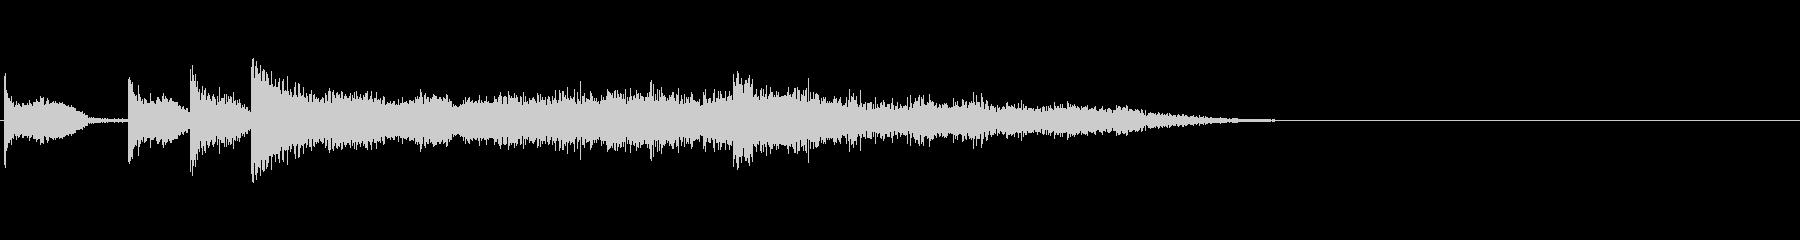 KANTファンファーレ歓声2006071の未再生の波形